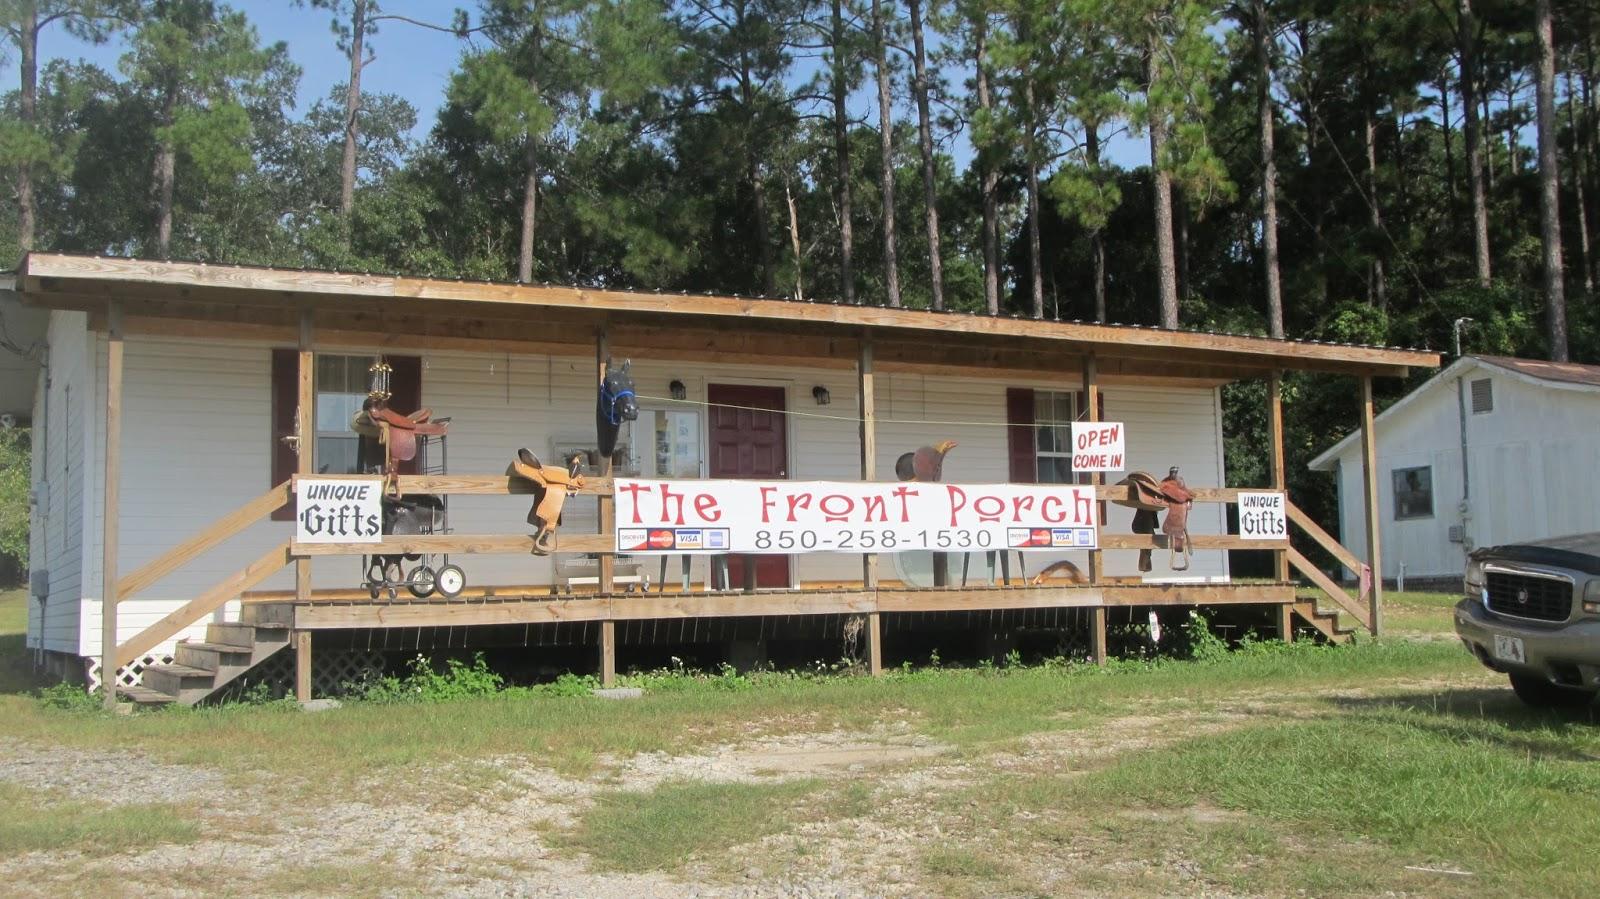 The Front Porch Saddle and Tack Shop, Bonifay Florida